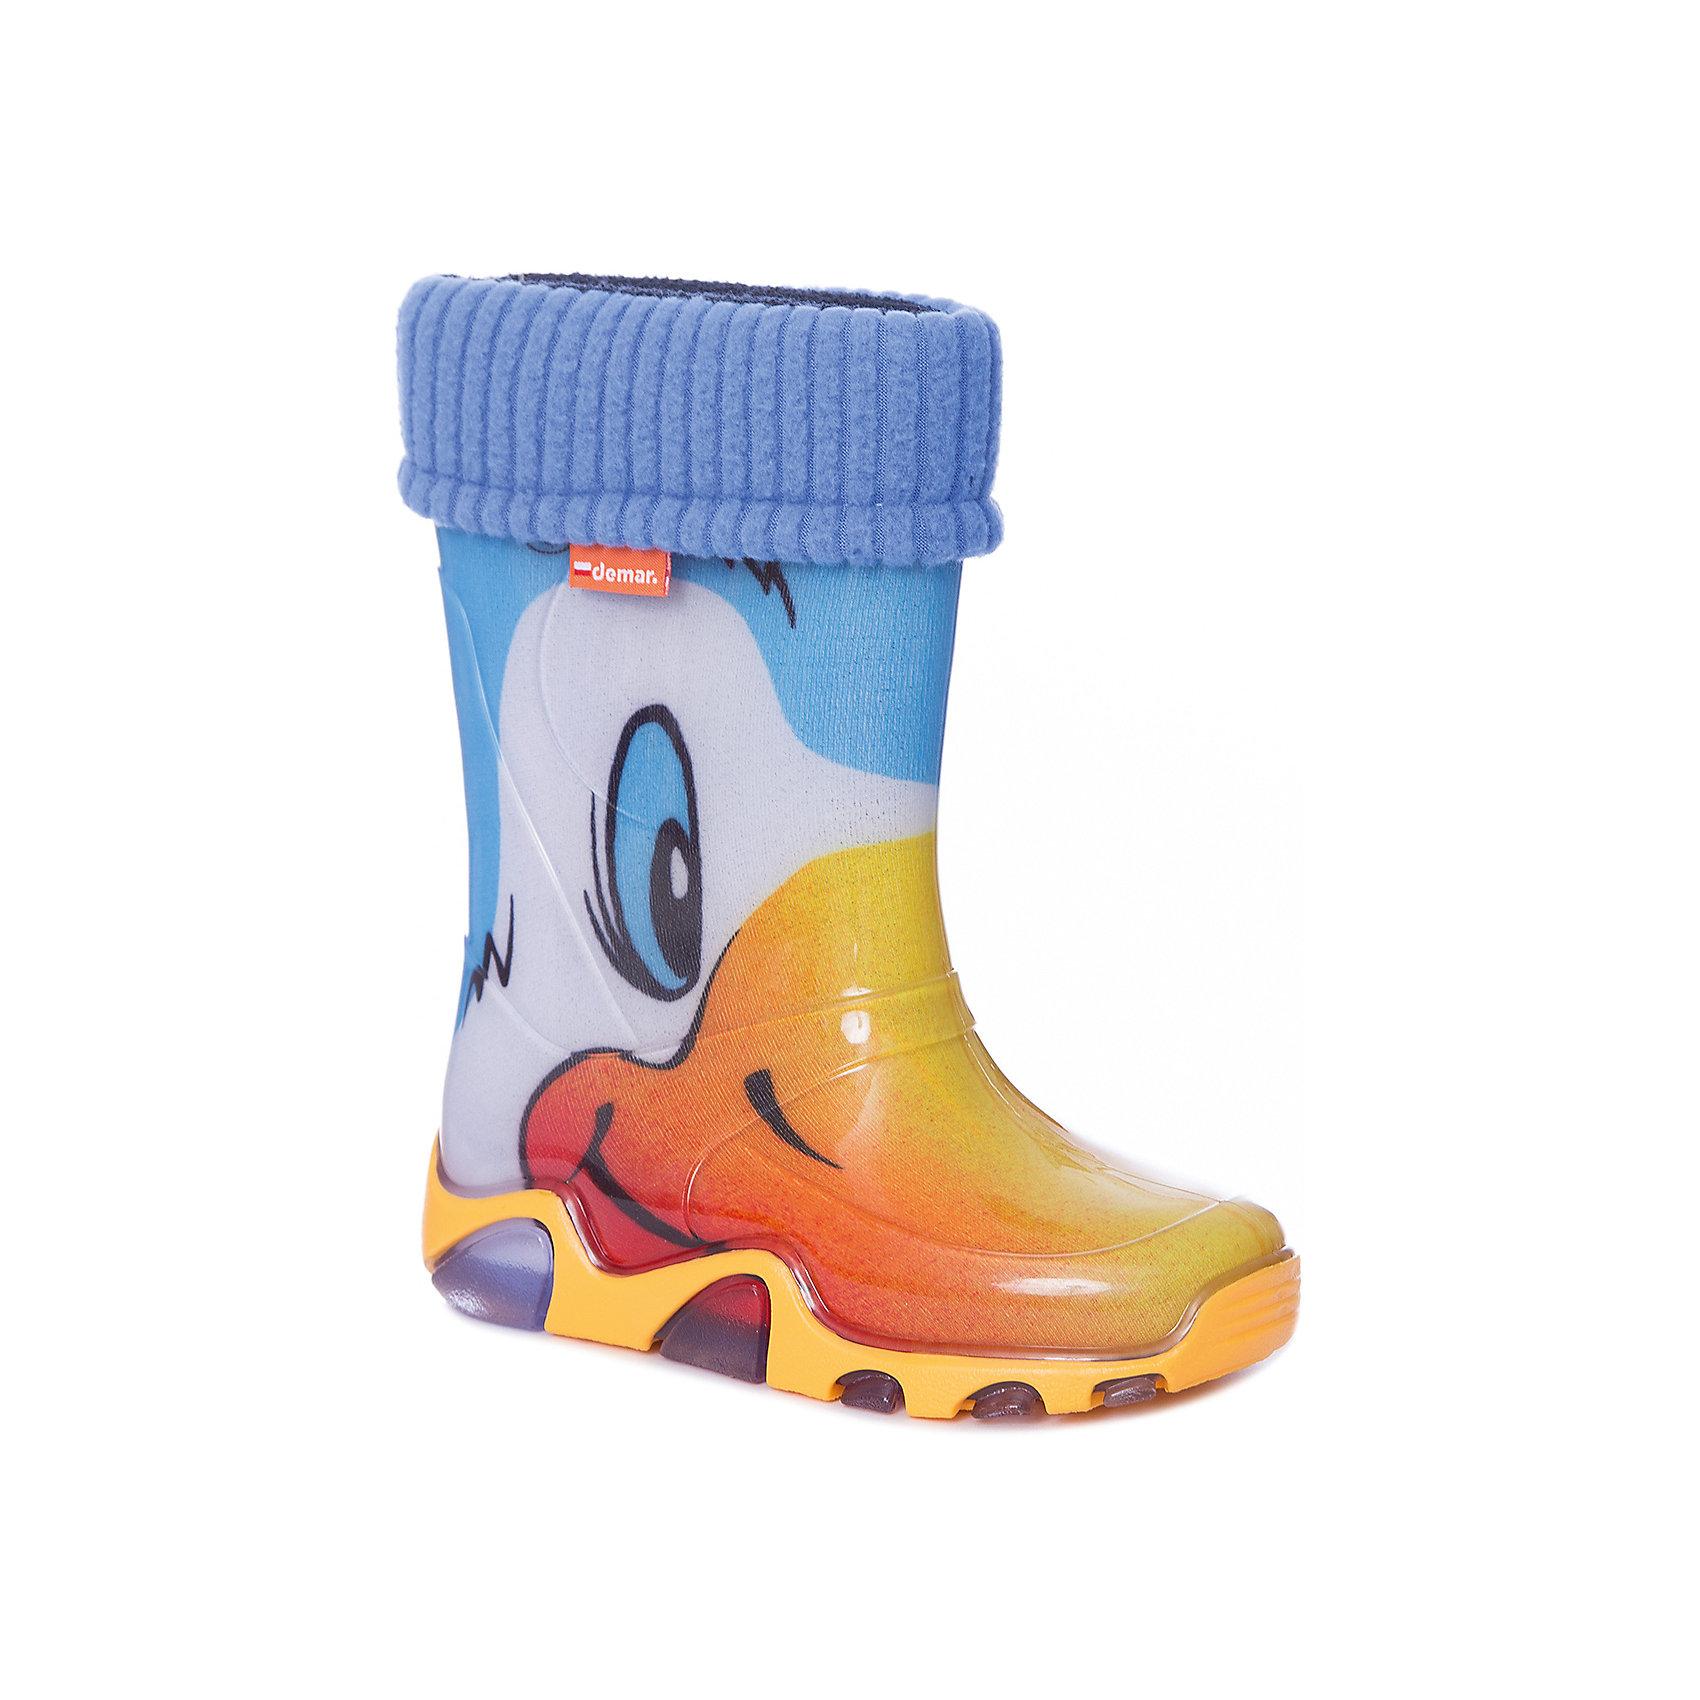 Сапоги  DEMARРезиновые сапоги<br>Сапоги детские от известной марки DEMAR.<br><br>DEMAR - бренд который уже давно завоевал сердца покупателей.  Обувь данной марки отличается  европейским качеством и удобством, и также имеет свой собственный стиль. <br>Данная модель имеет съёмный утеплённый  чулок, выполнена из материала ЭВА - очень легкого и гибкого. <br><br>Состав: верх - ПВХ, подкладка - текстильный материал, подошва -ПВХ.<br><br>Ширина мм: 257<br>Глубина мм: 180<br>Высота мм: 130<br>Вес г: 420<br>Цвет: белый<br>Возраст от месяцев: 36<br>Возраст до месяцев: 48<br>Пол: Унисекс<br>Возраст: Детский<br>Размер: 26/27,22/23,24/25<br>SKU: 4916619